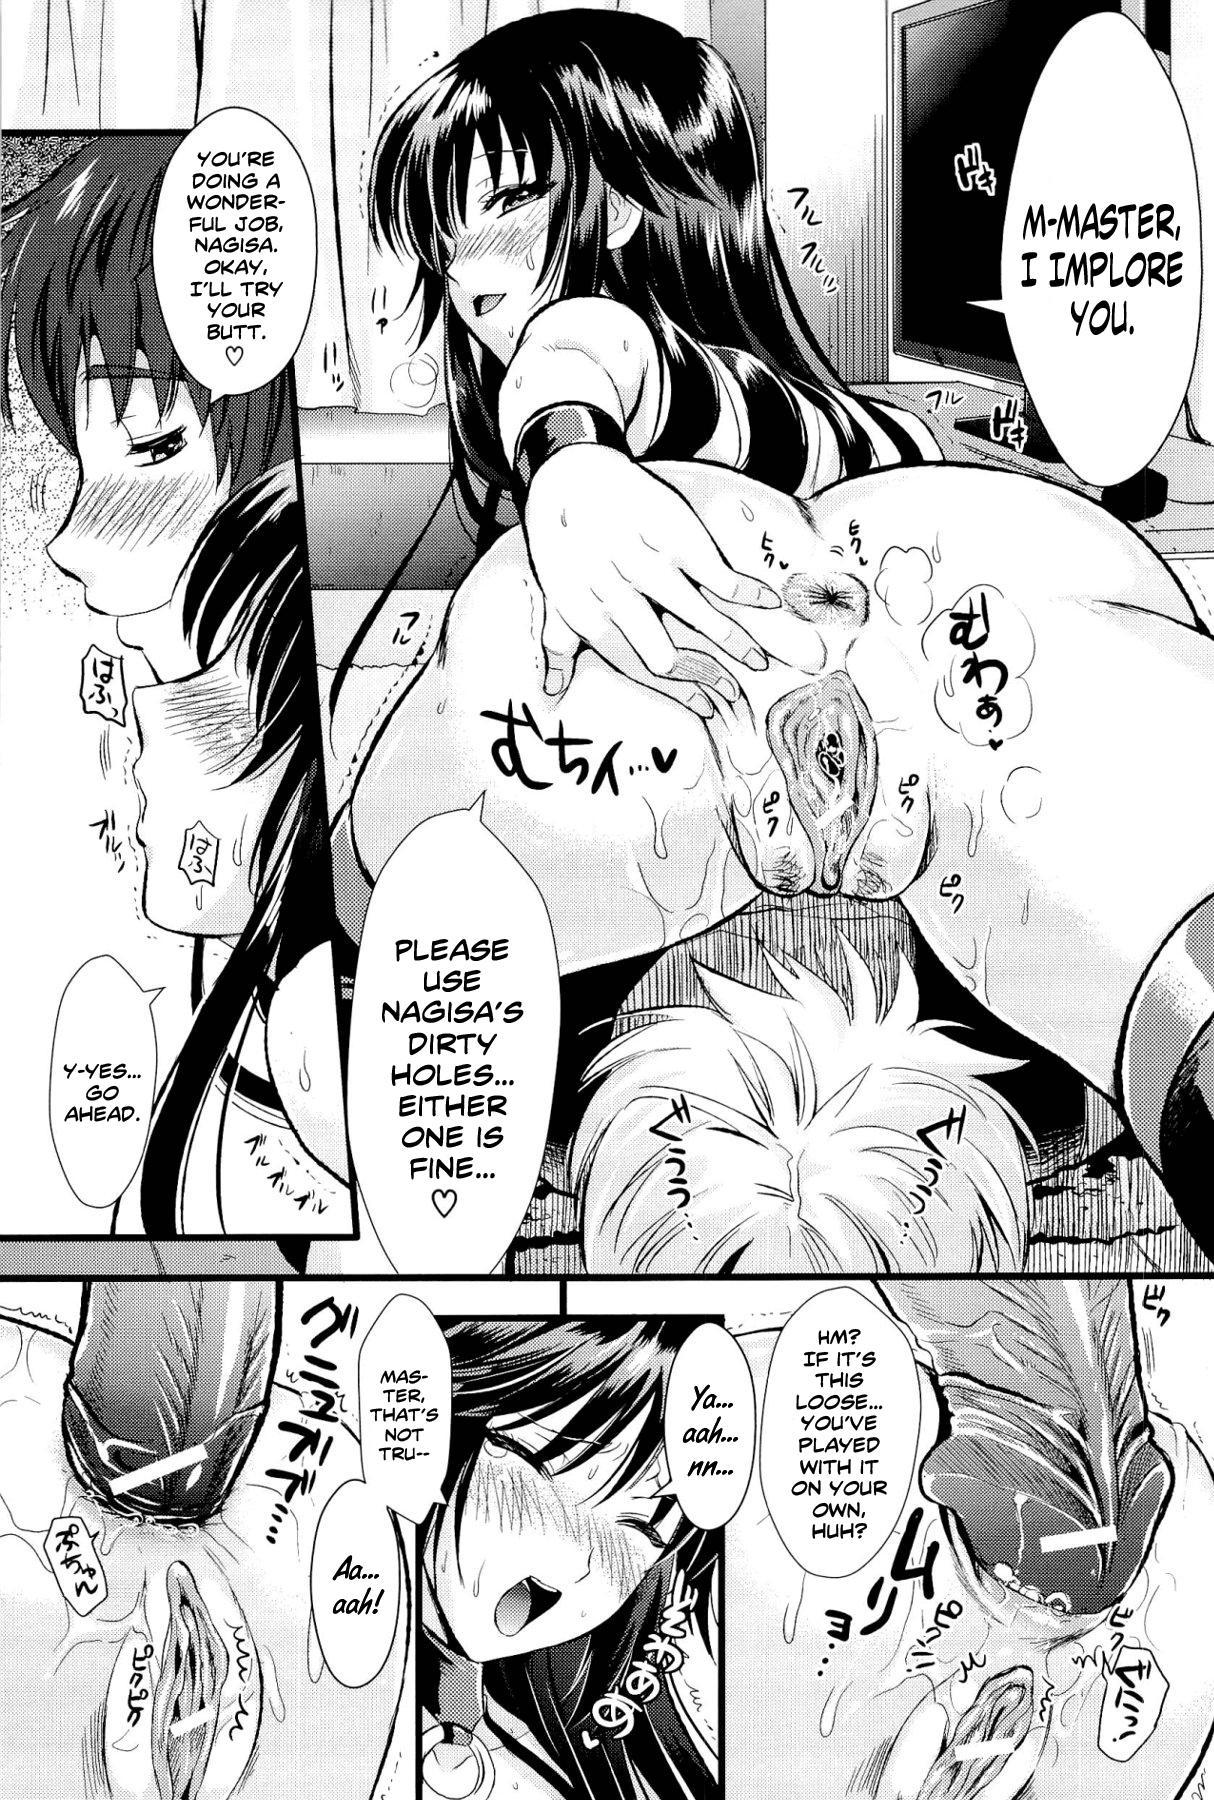 [Kojima Saya] Boku to Kanojo no Shujuu Kankei - Me And Her Master-Servant Relationship Ch. 1-3 [English] [freudia] 36